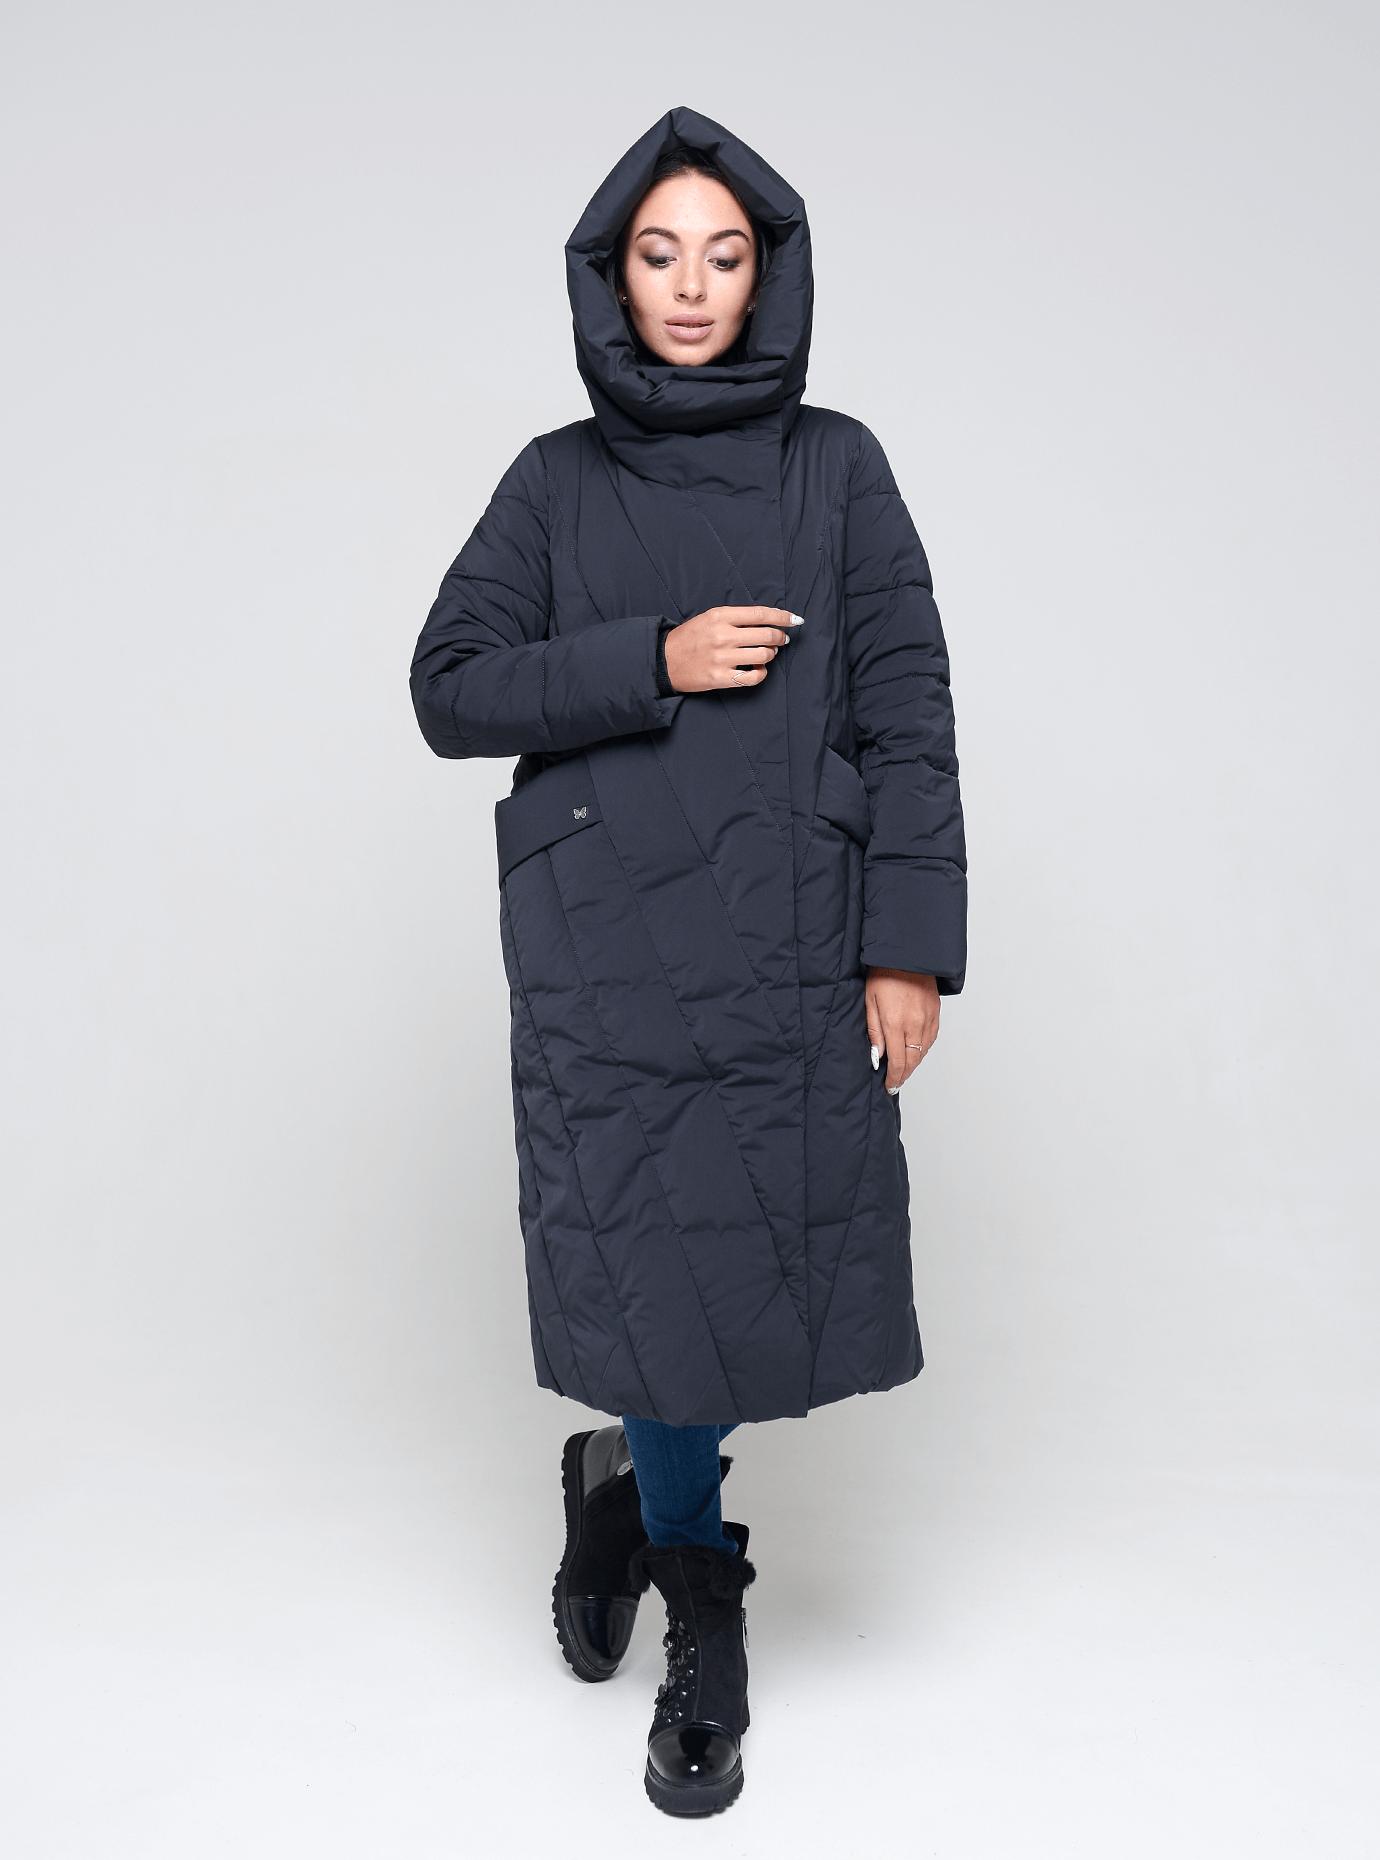 Пальто зимове довге Темно-синій 42 (02-BF19139): фото - Alster.ua